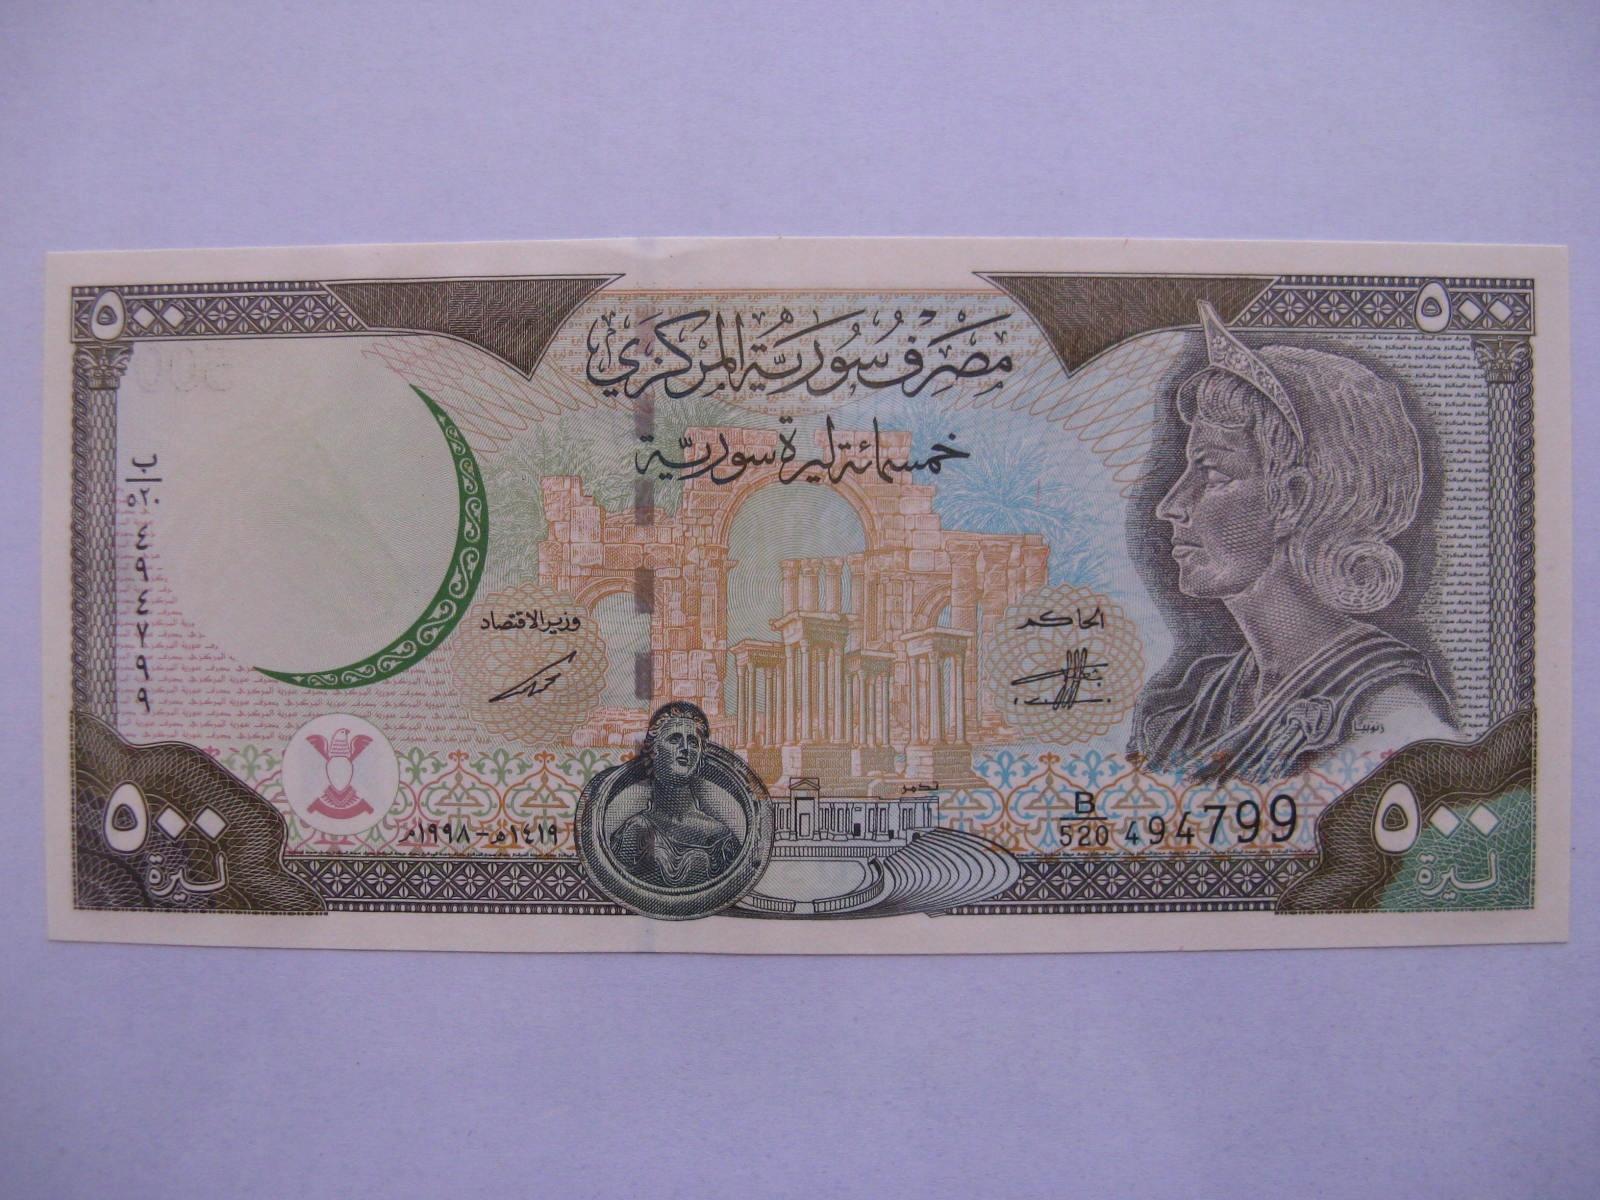 Сирия - 500 фунтов - 1998 - P110c - St. 1